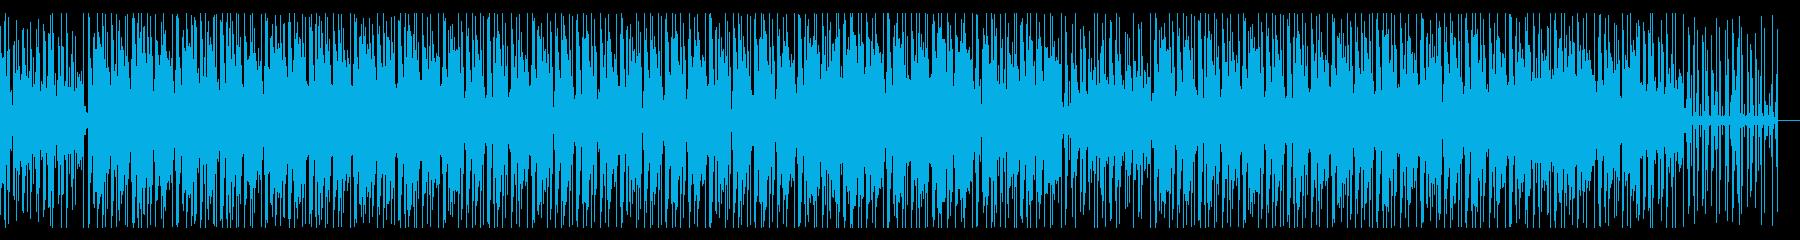 ドリーミー・爽やか・温もり・メロウ・鍵盤の再生済みの波形